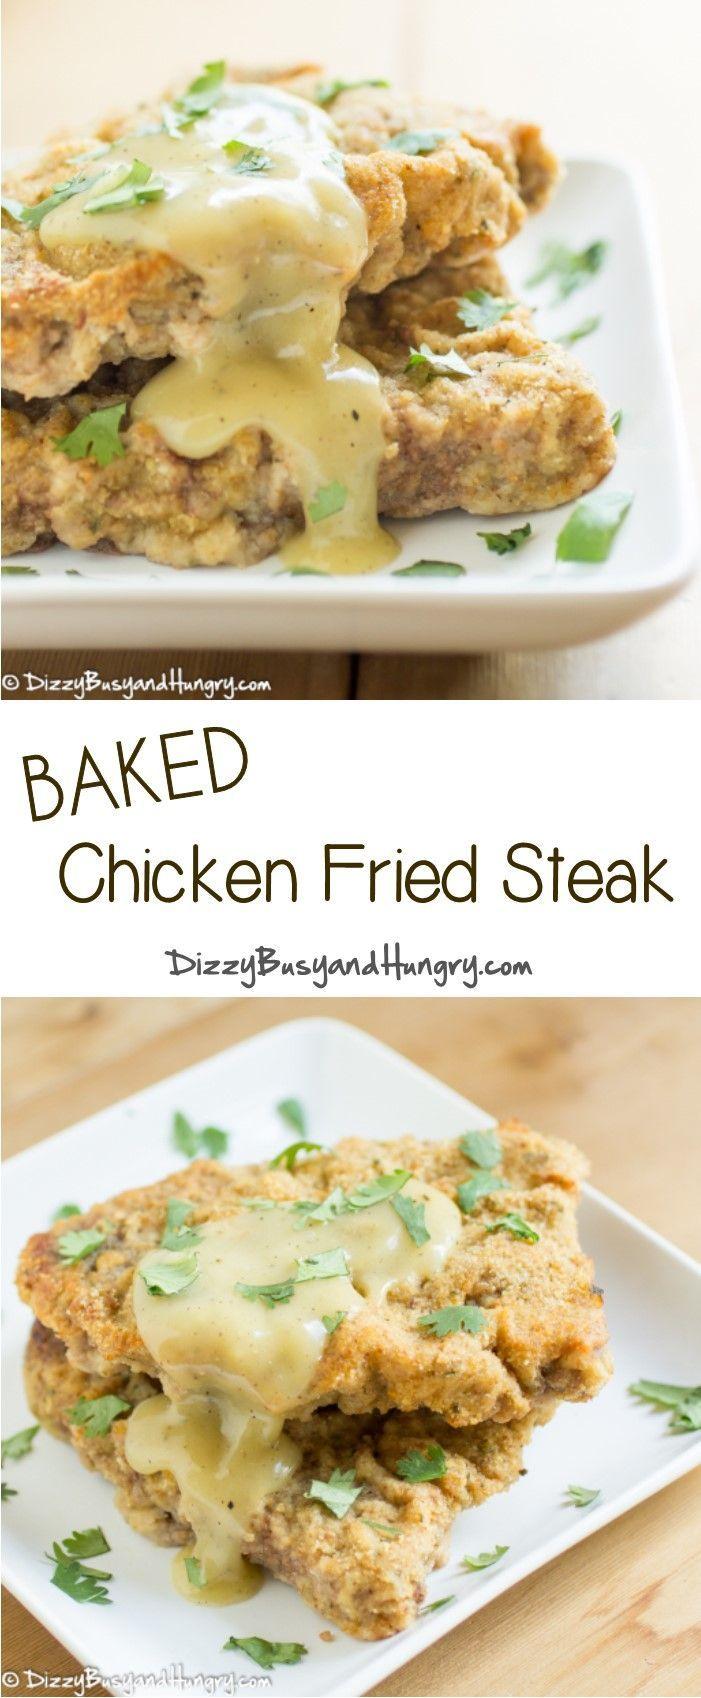 Baked Chicken Fried Steak #SundaySupper http://www.dizzybusyandhungry.com/baked-chicken-fried-steak/